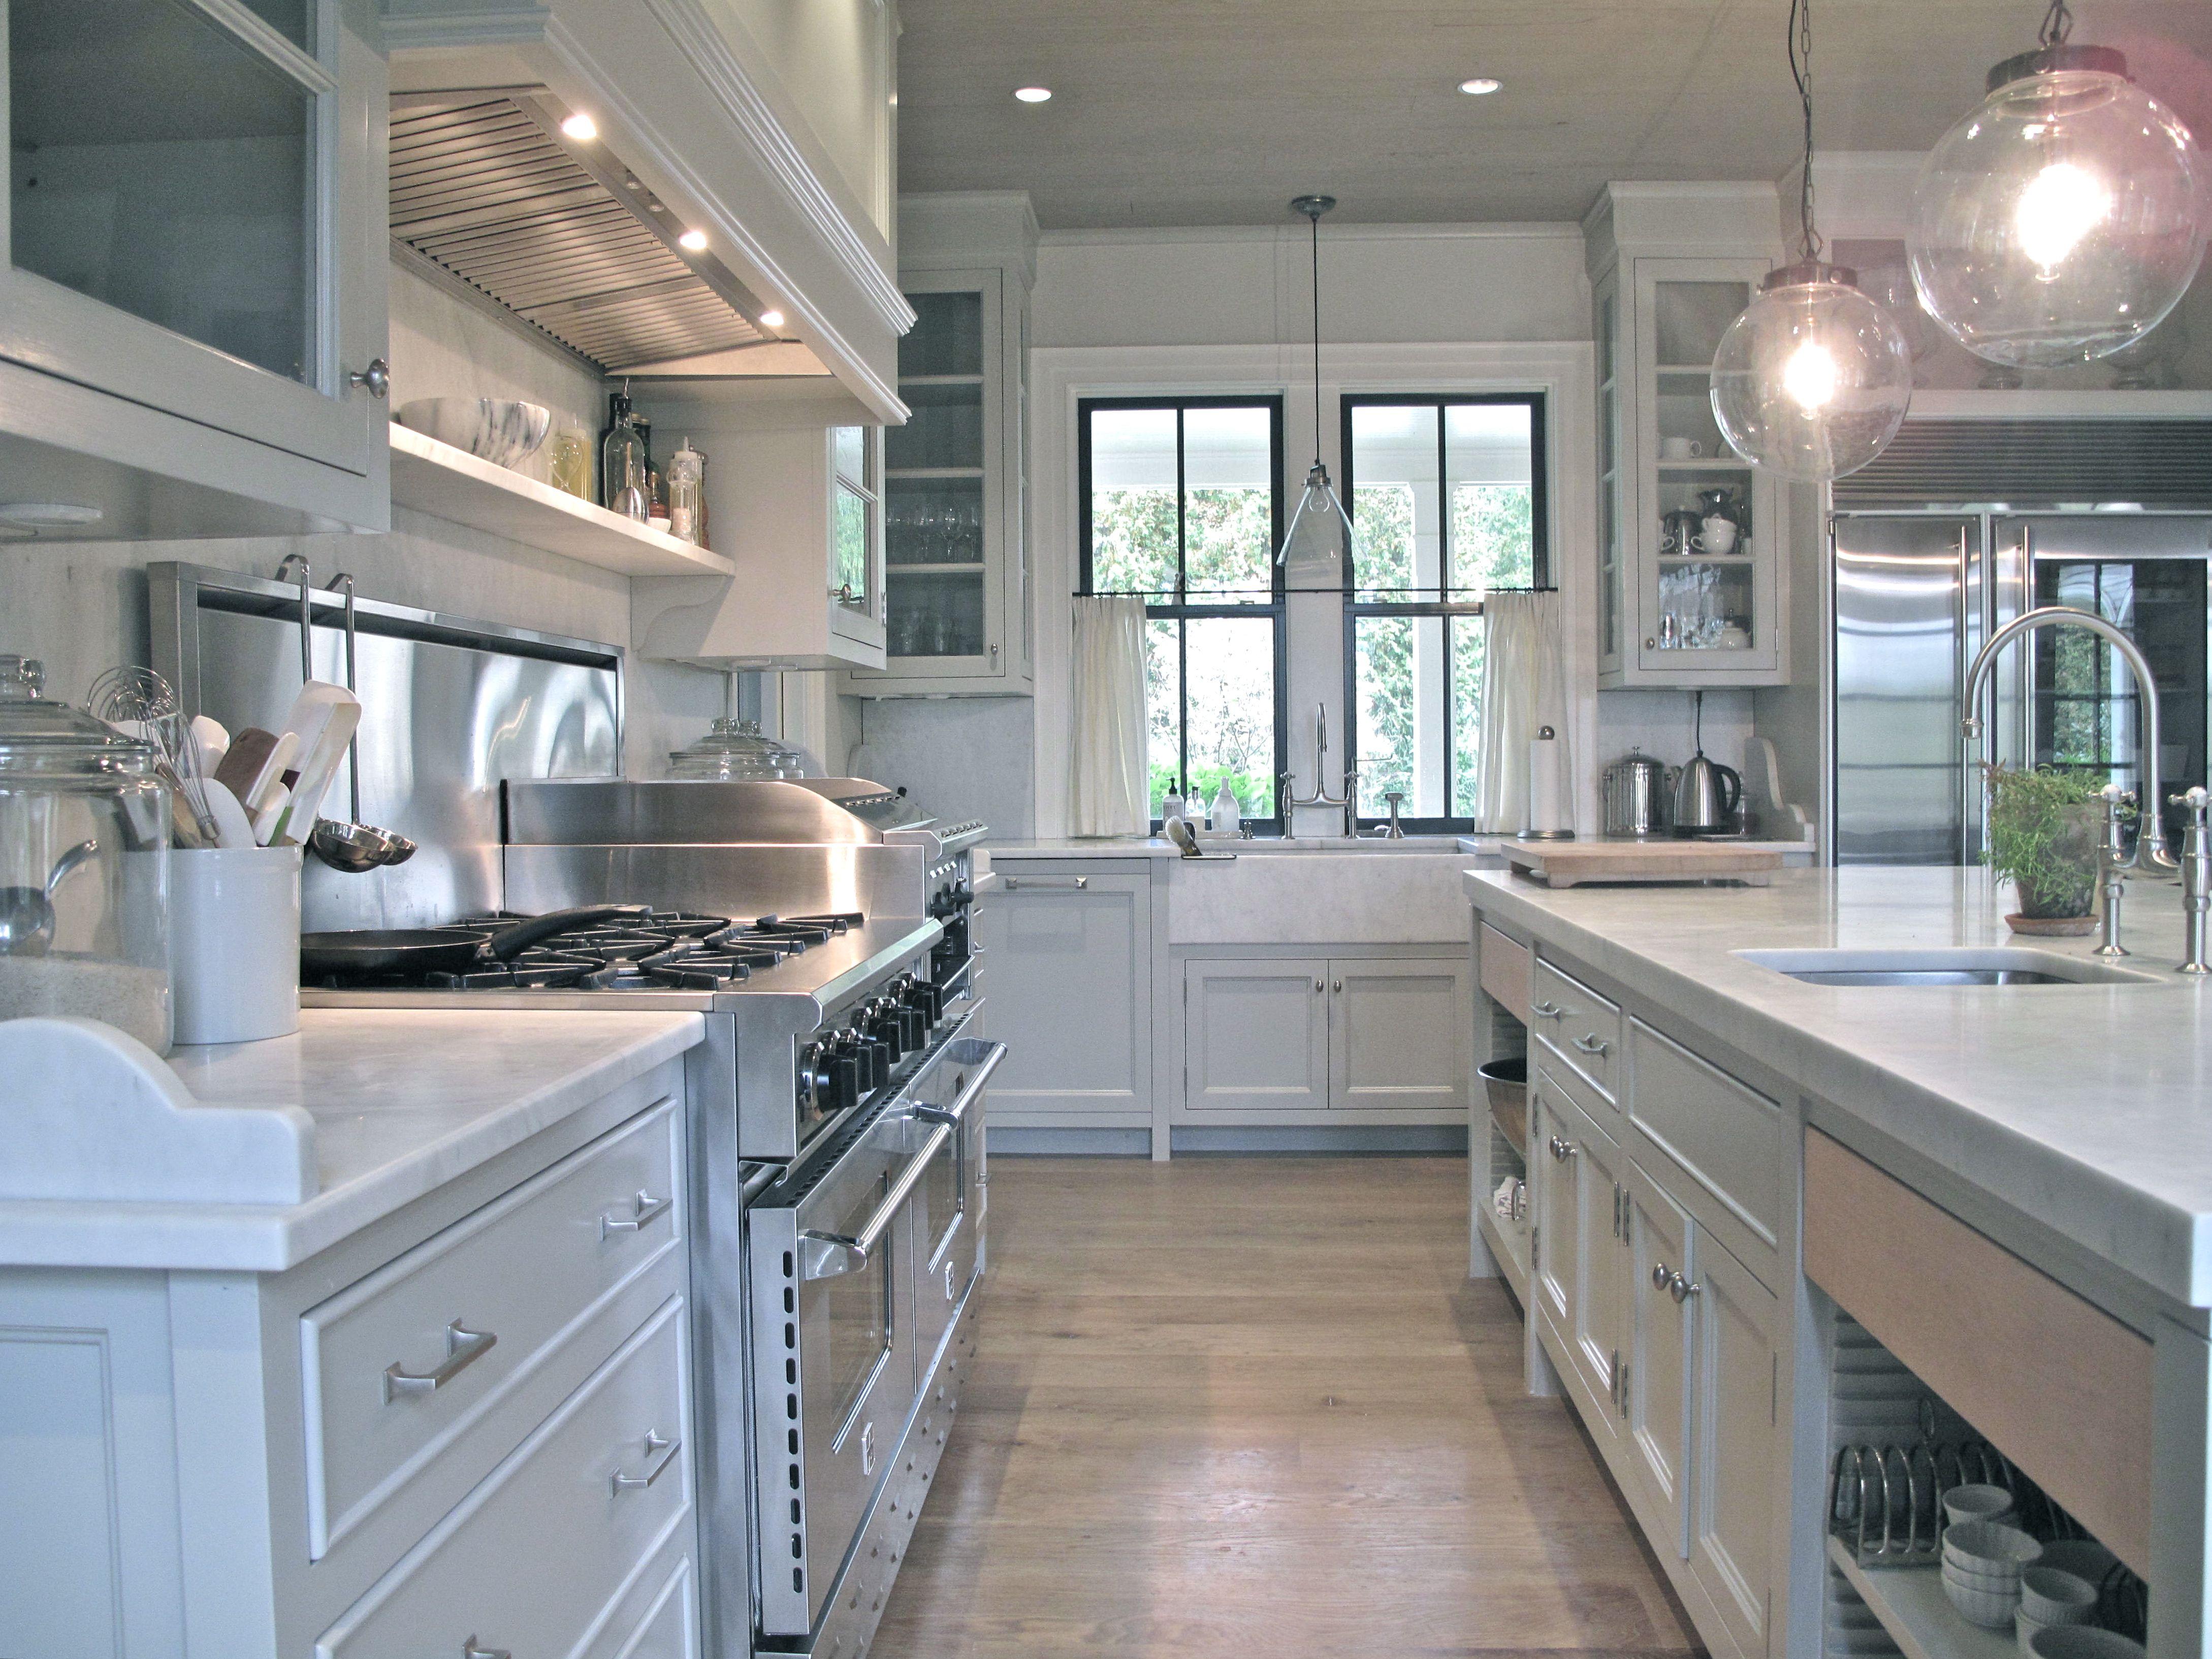 jane Green\'s kitchen. Martha Stewart Bedford Grey on Cabs, honed ...